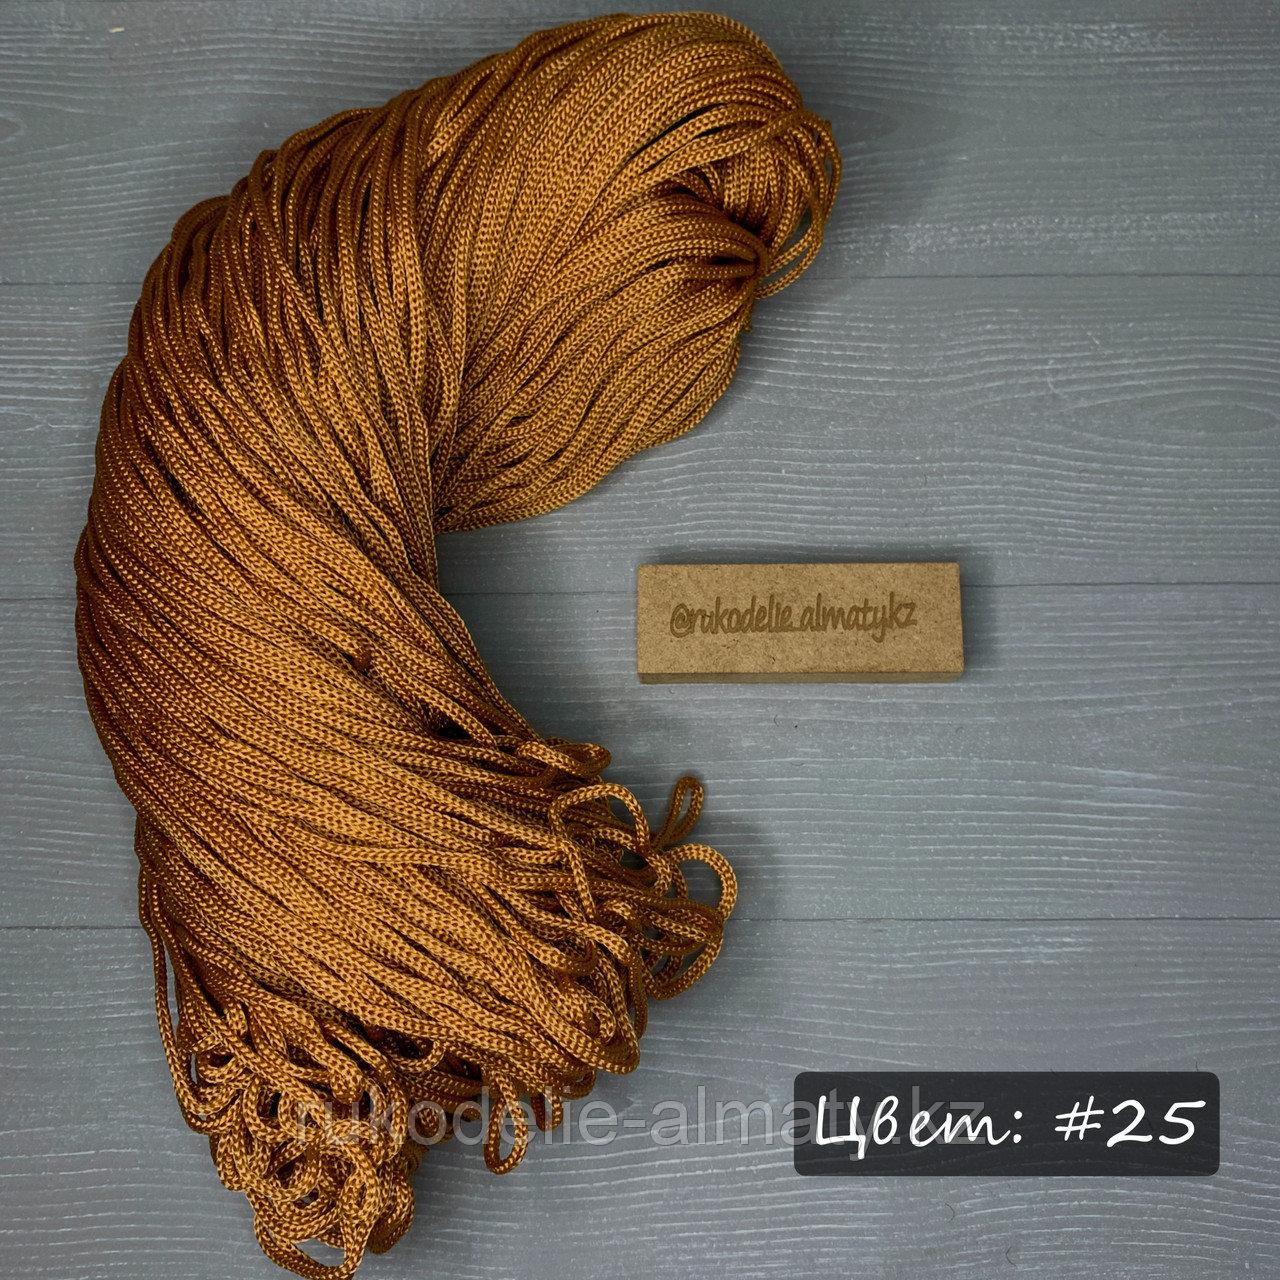 Полиэфирный шнур без сердечника, 3мм, пасма коричневый - фото 1